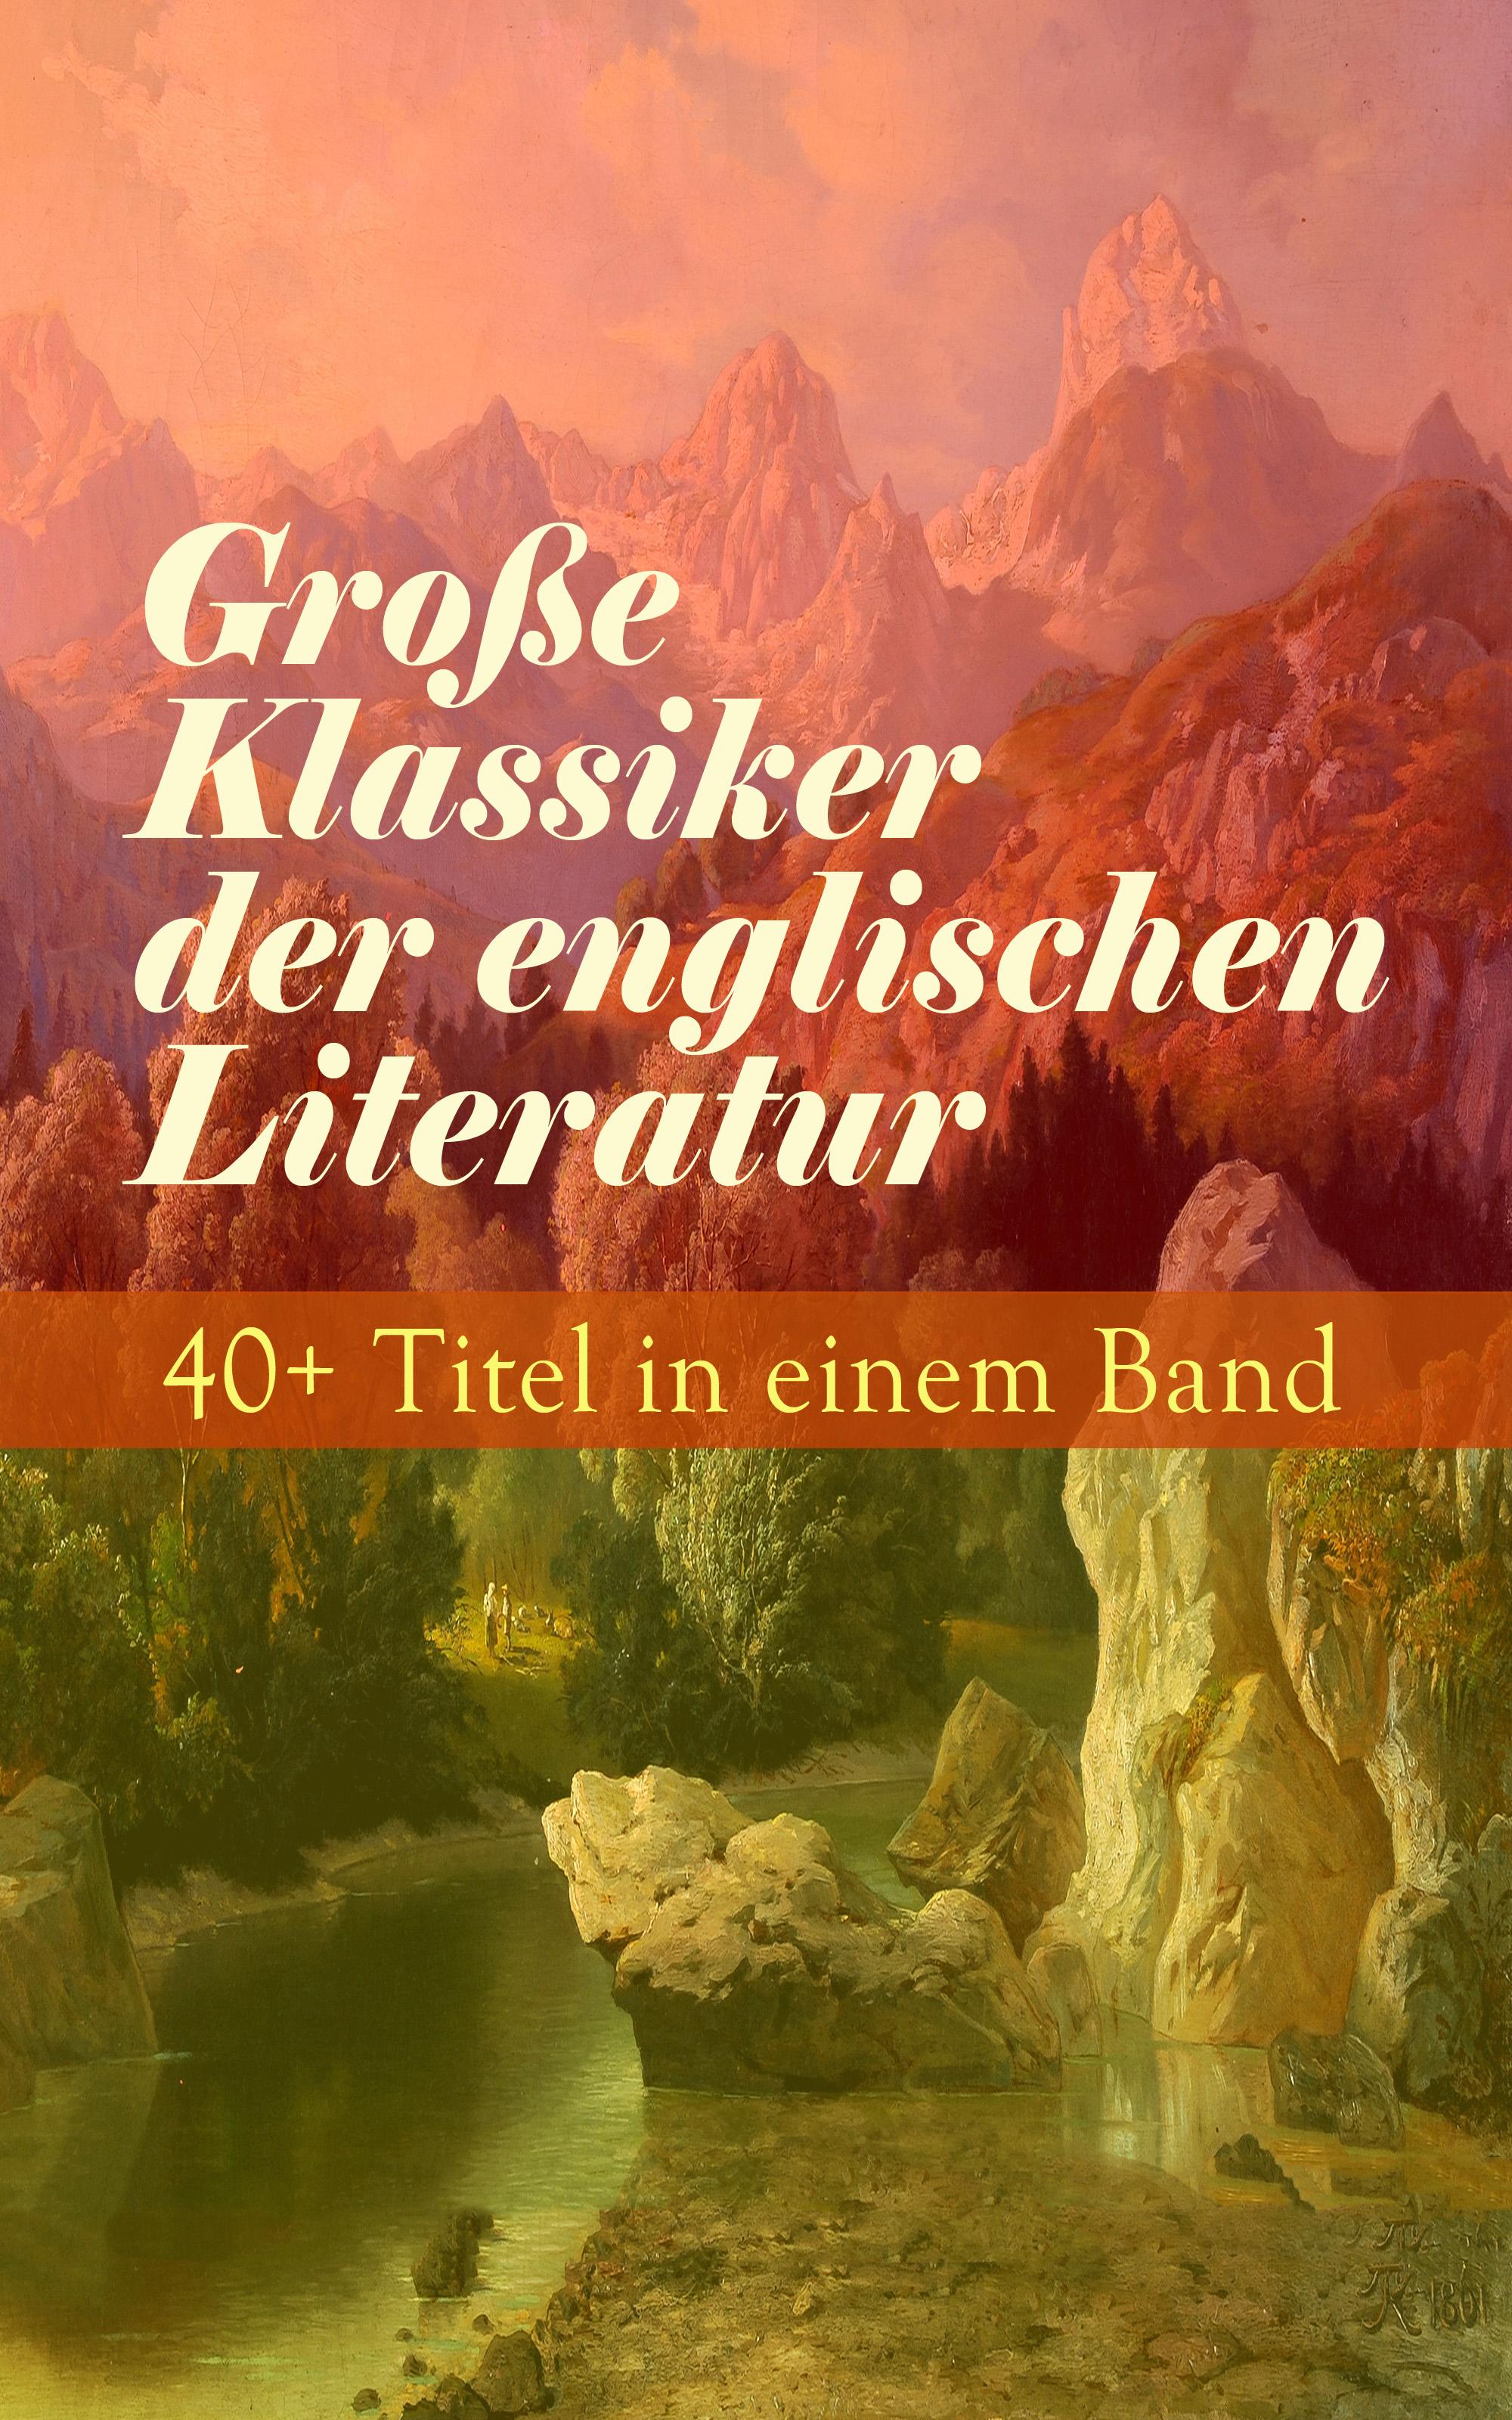 grosse klassiker der englischen literatur 40 titel in einem band